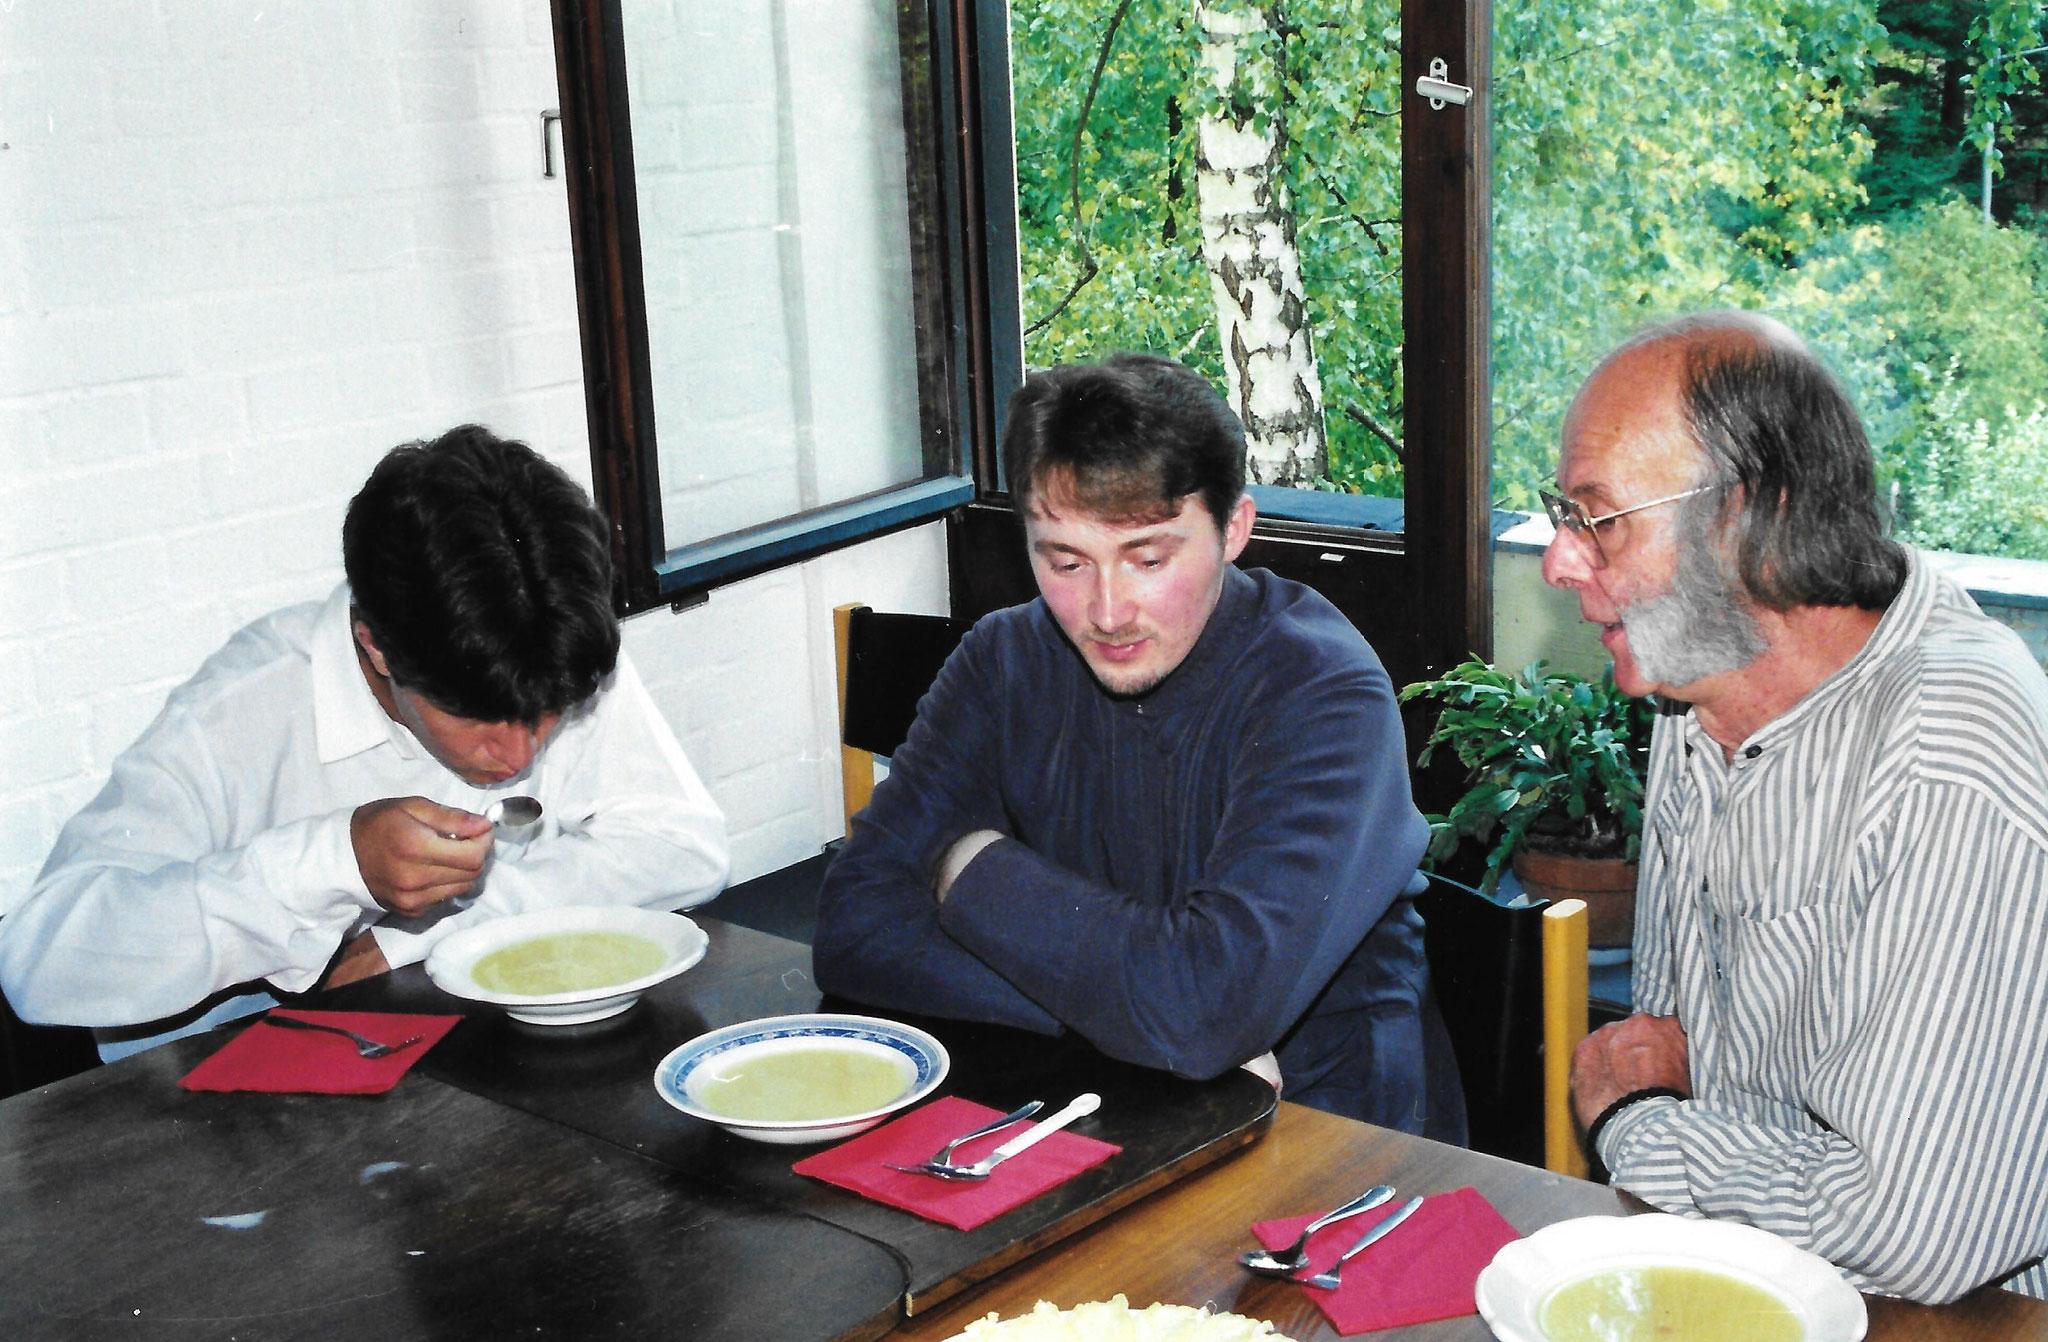 Игумен Андрей (Готтфрид) беседует со старостой прихода Сергиусом Реттером, 1999 год